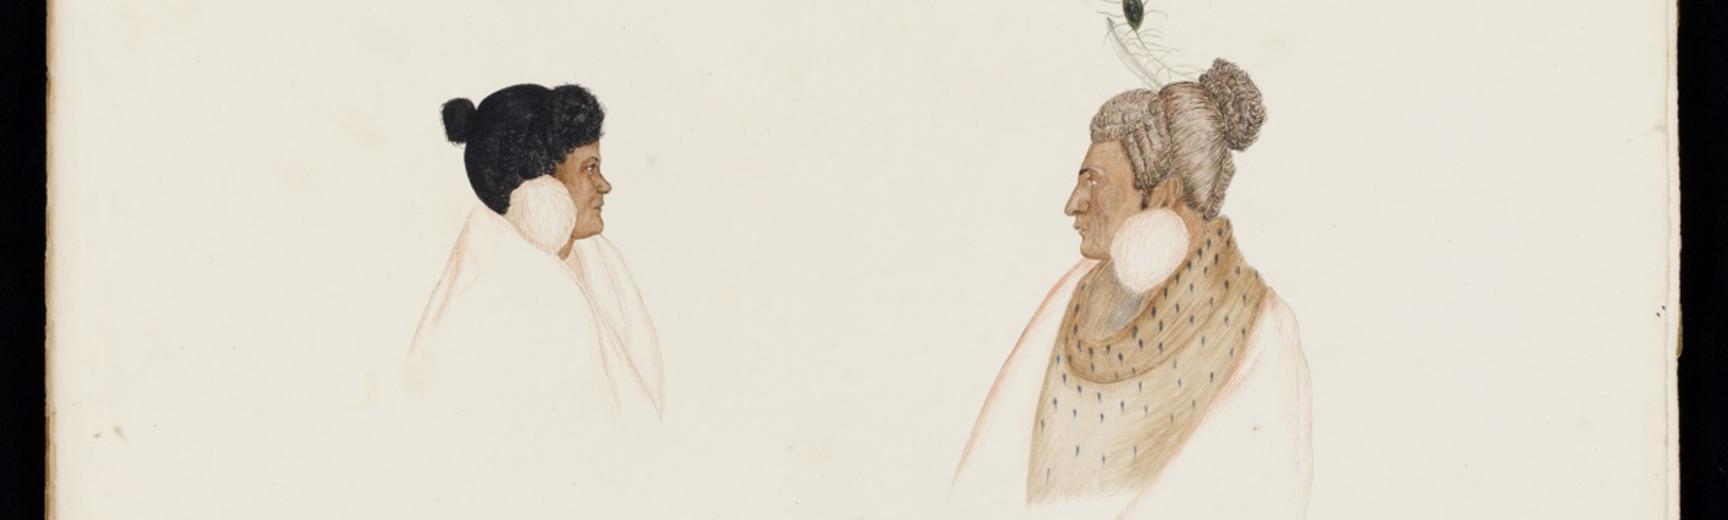 [2013.6.6] Te Ranguira and her husband Rangihaeata. By Isaac Coates, 1840s.